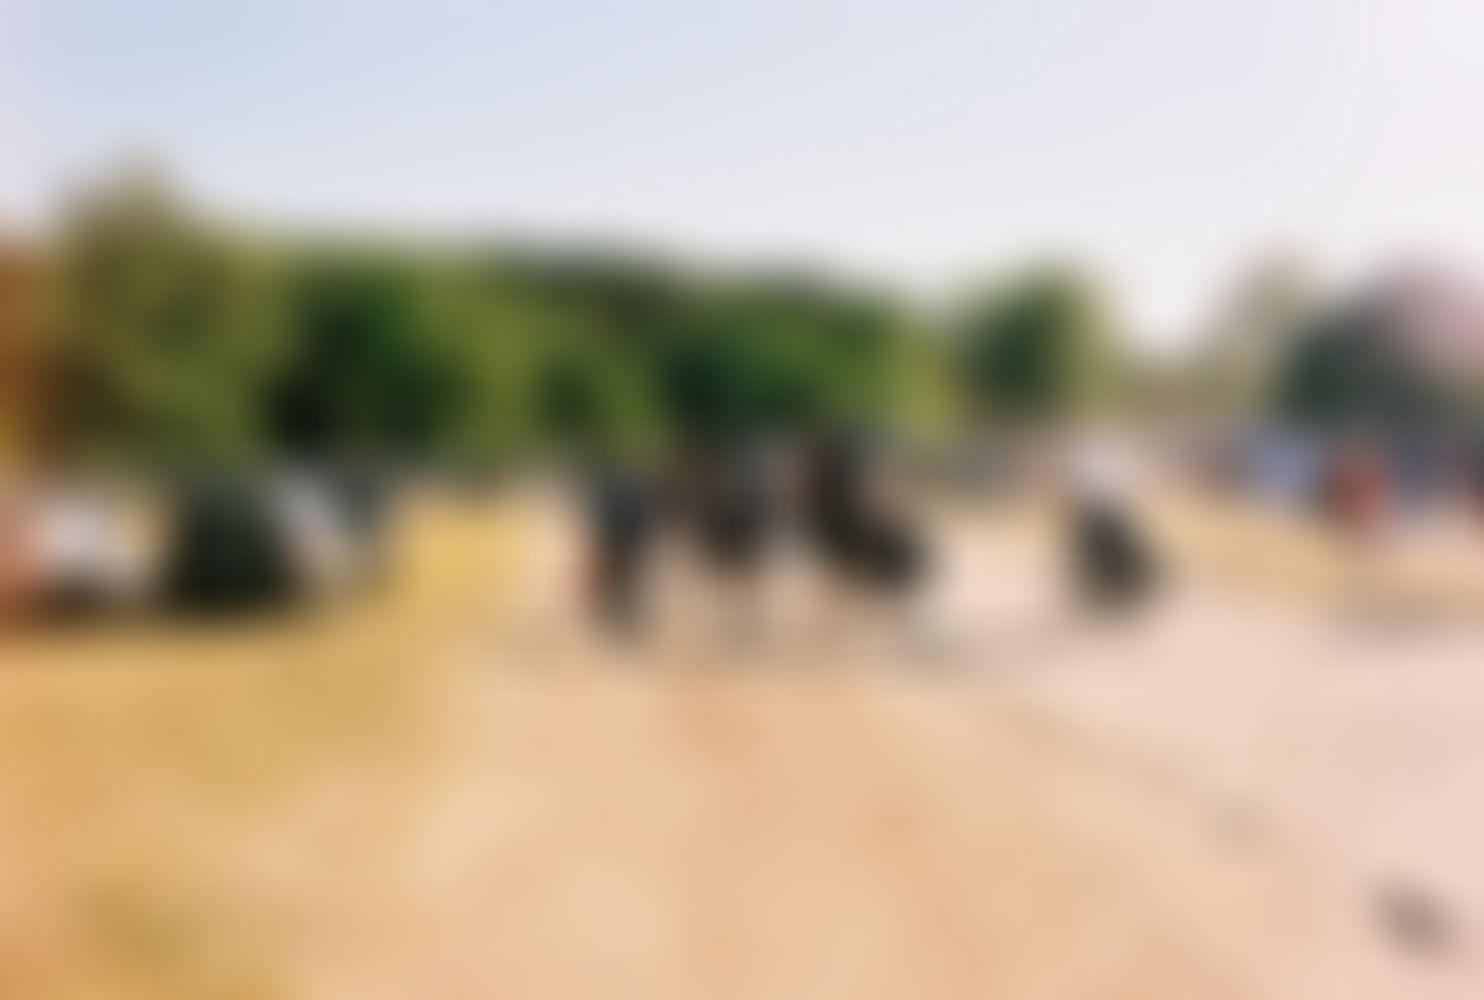 Viele Leute laufen mit ihren Rädern Richtung Festivaleingang, rechts neben ihnen sind Zelte und links neben ihnen parkende Autos.